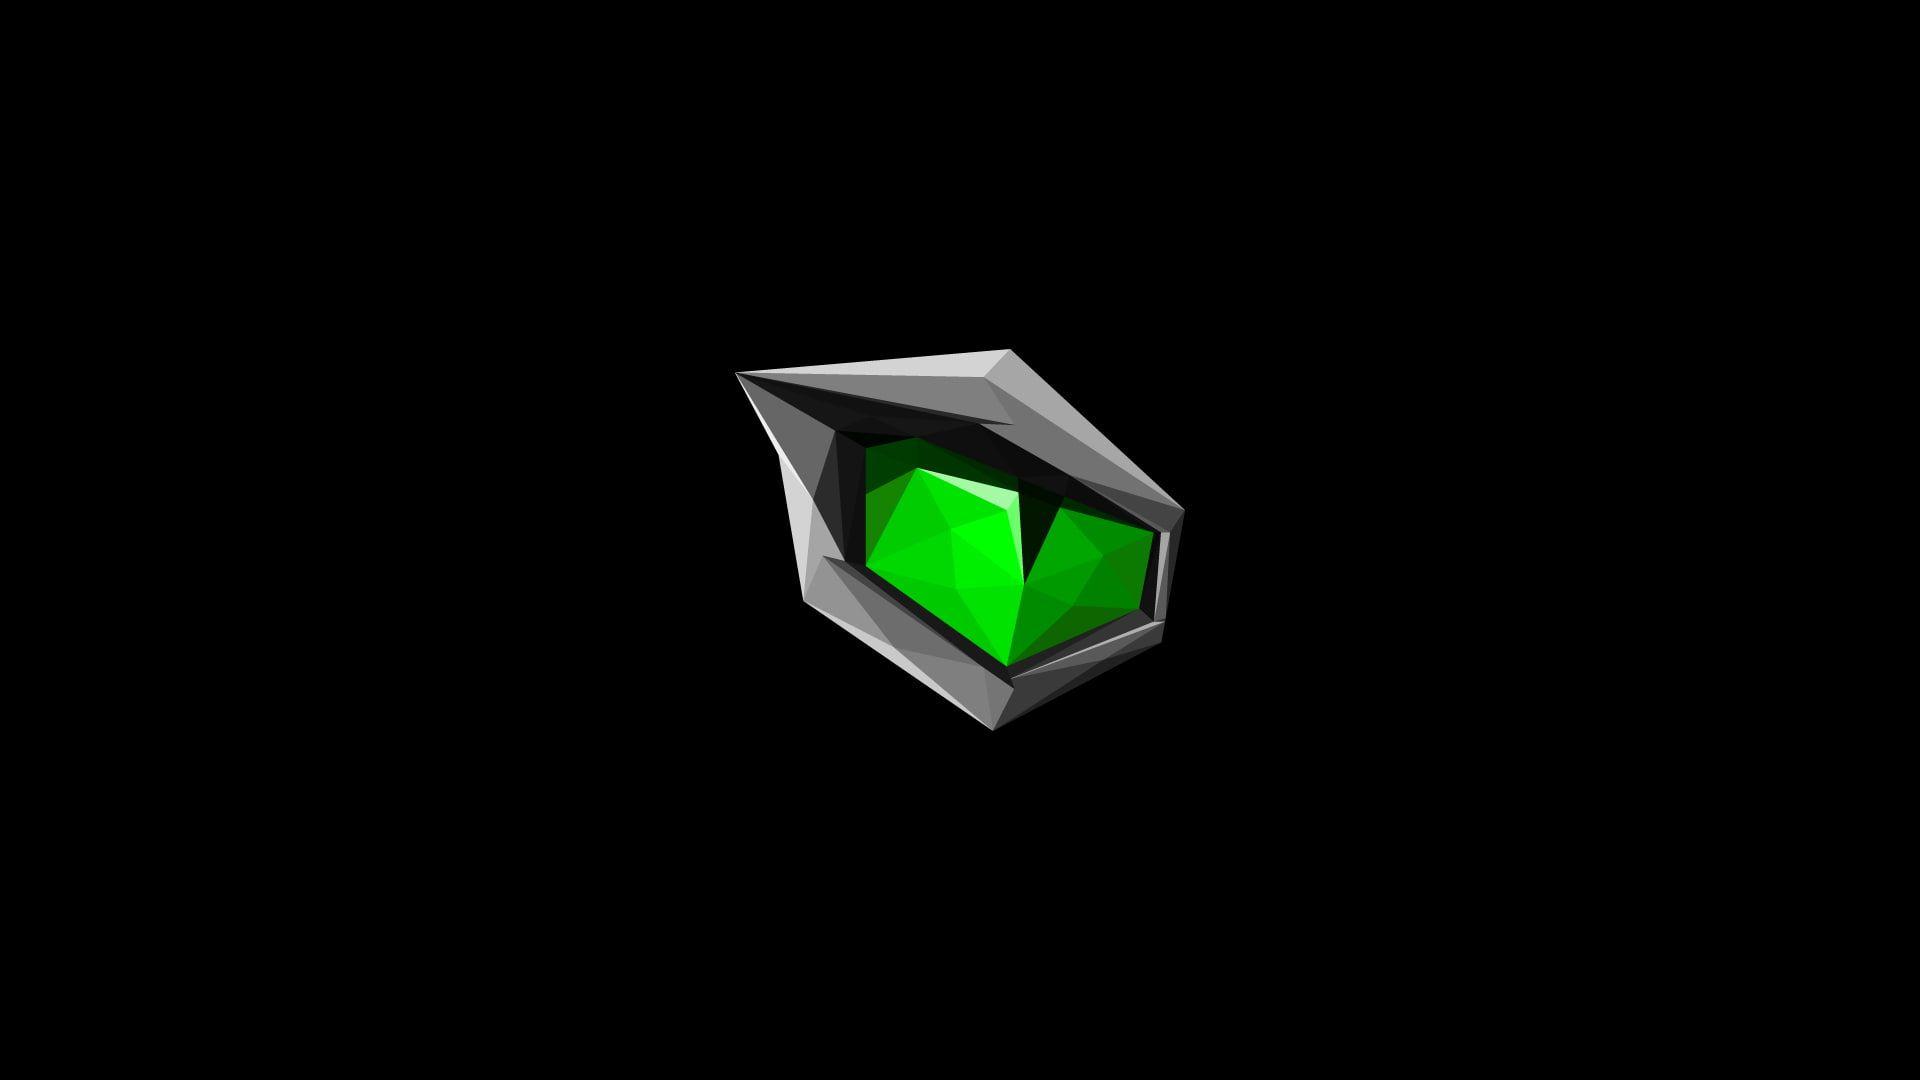 Monster Anime Gaming Laptop Tulpar Green Green Eyes Gaming Series Abra Laptop 1080p Wallpaper Hdwallpa In 2021 Xiaomi Wallpapers Monster Pictures Hd Wallpaper